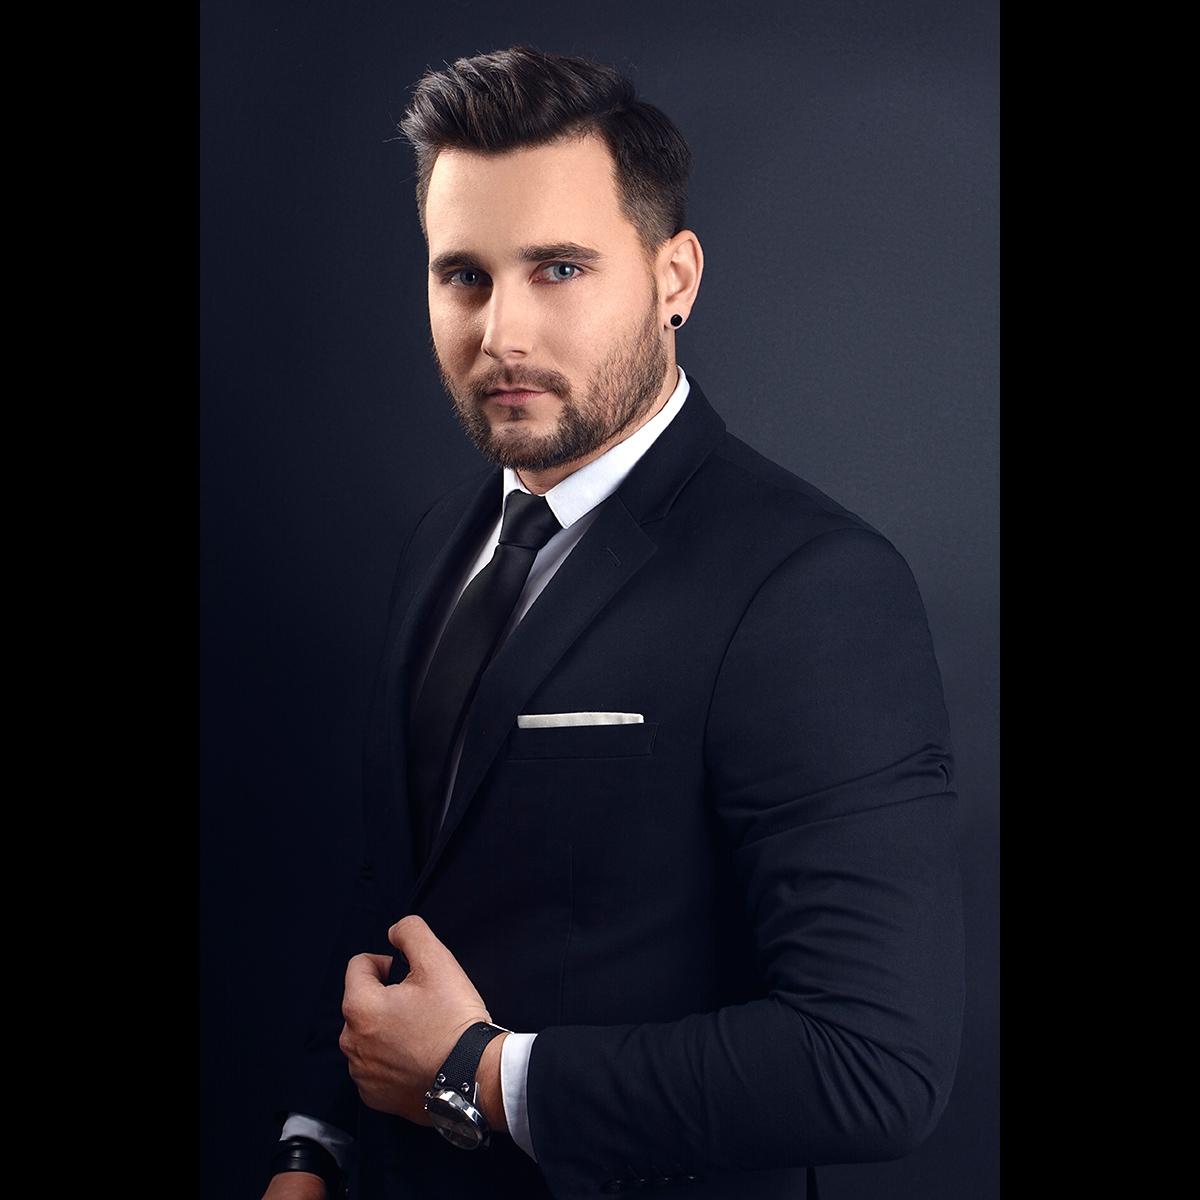 Łukasz Liszko - fotografia biznesowa - wizerunkowa - DJ Fokus